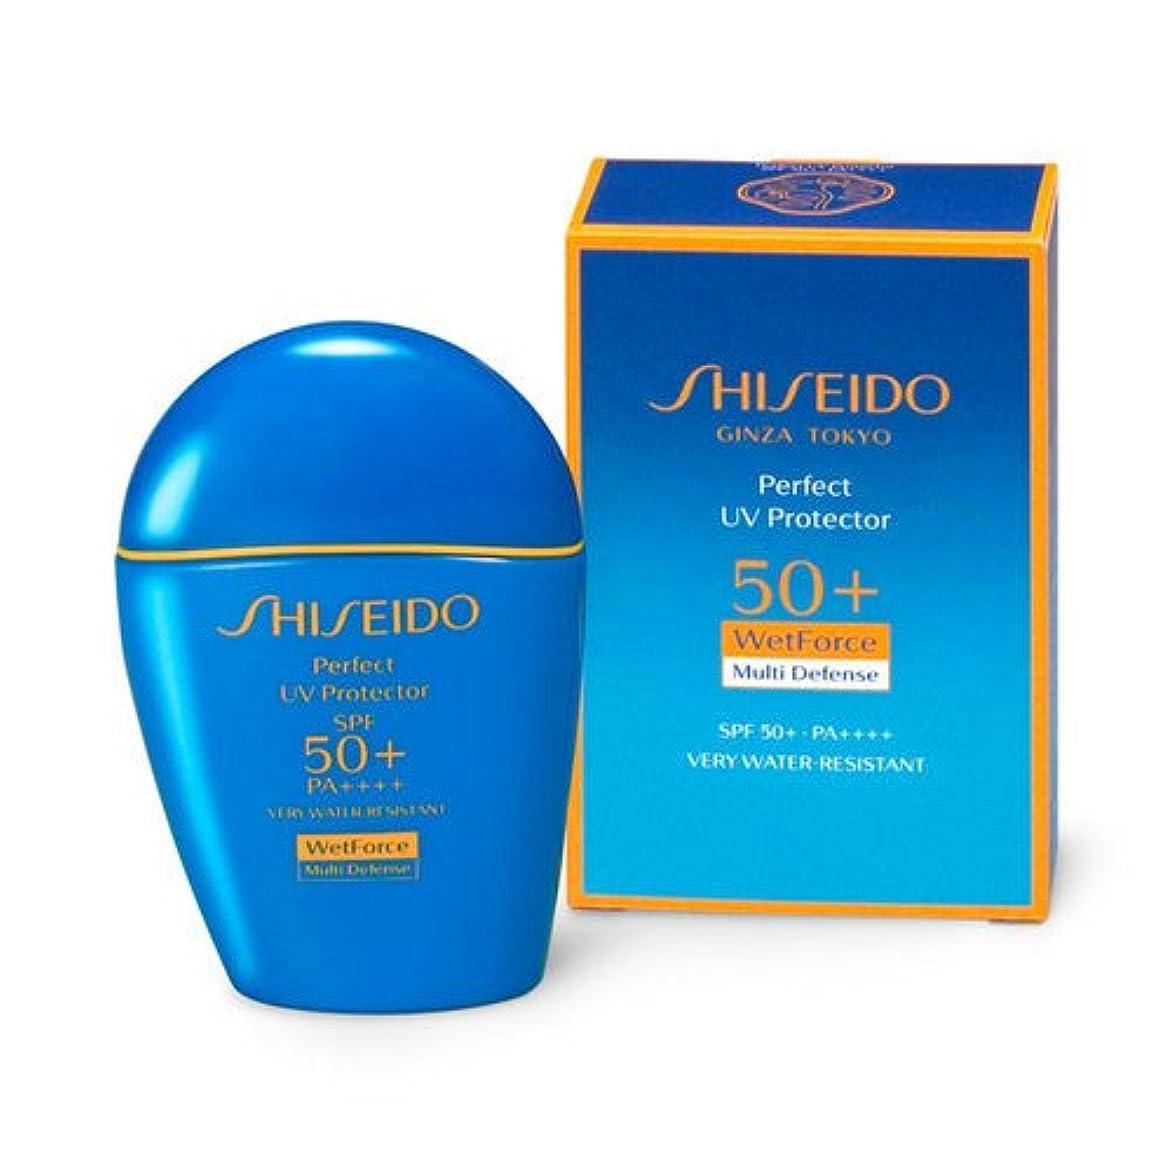 ファイル前提条件額SHISEIDO Suncare(資生堂 サンケア) SHISEIDO(資生堂) パーフェクト UVプロテクター 50mL